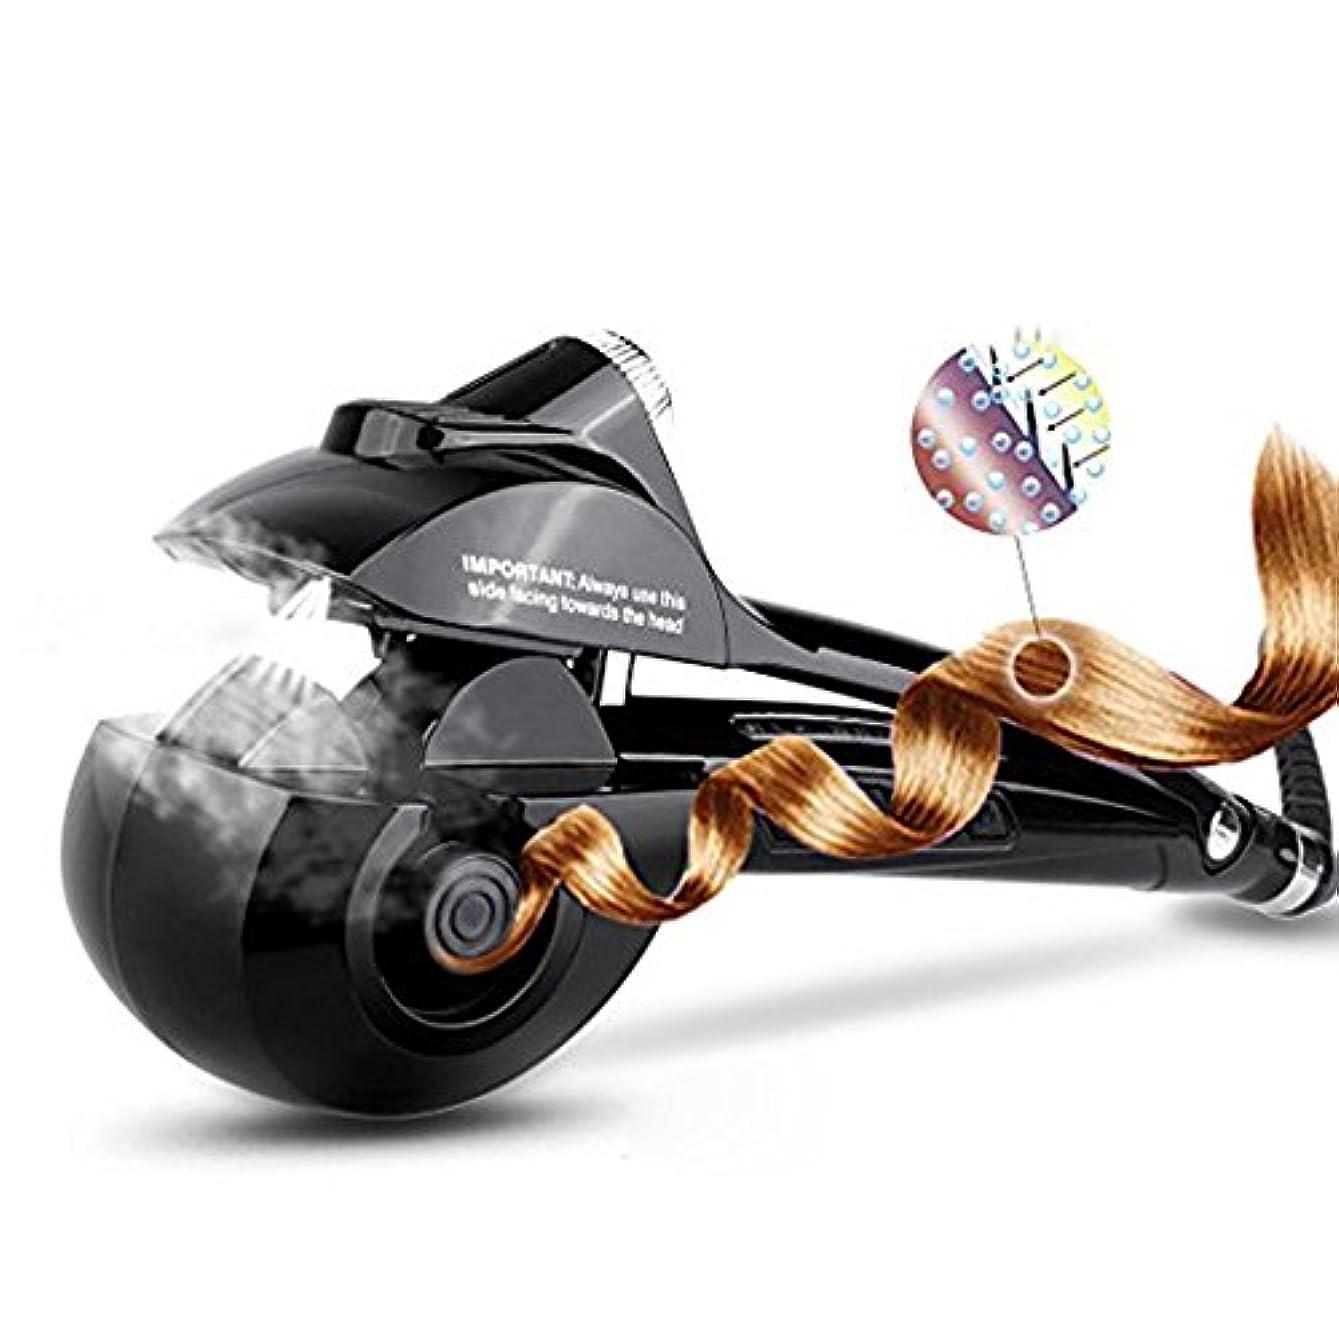 異常なフレア固執オートカールアイロンREAK ヘアアイロン カール オートカールヘアアイロン スチームヘアアイロン アイロン蒸気 8秒自動巻き 自動巻きヘアアイロン スチーム機能 プロ仕様 海外対応 日本語説明書付き (黒)